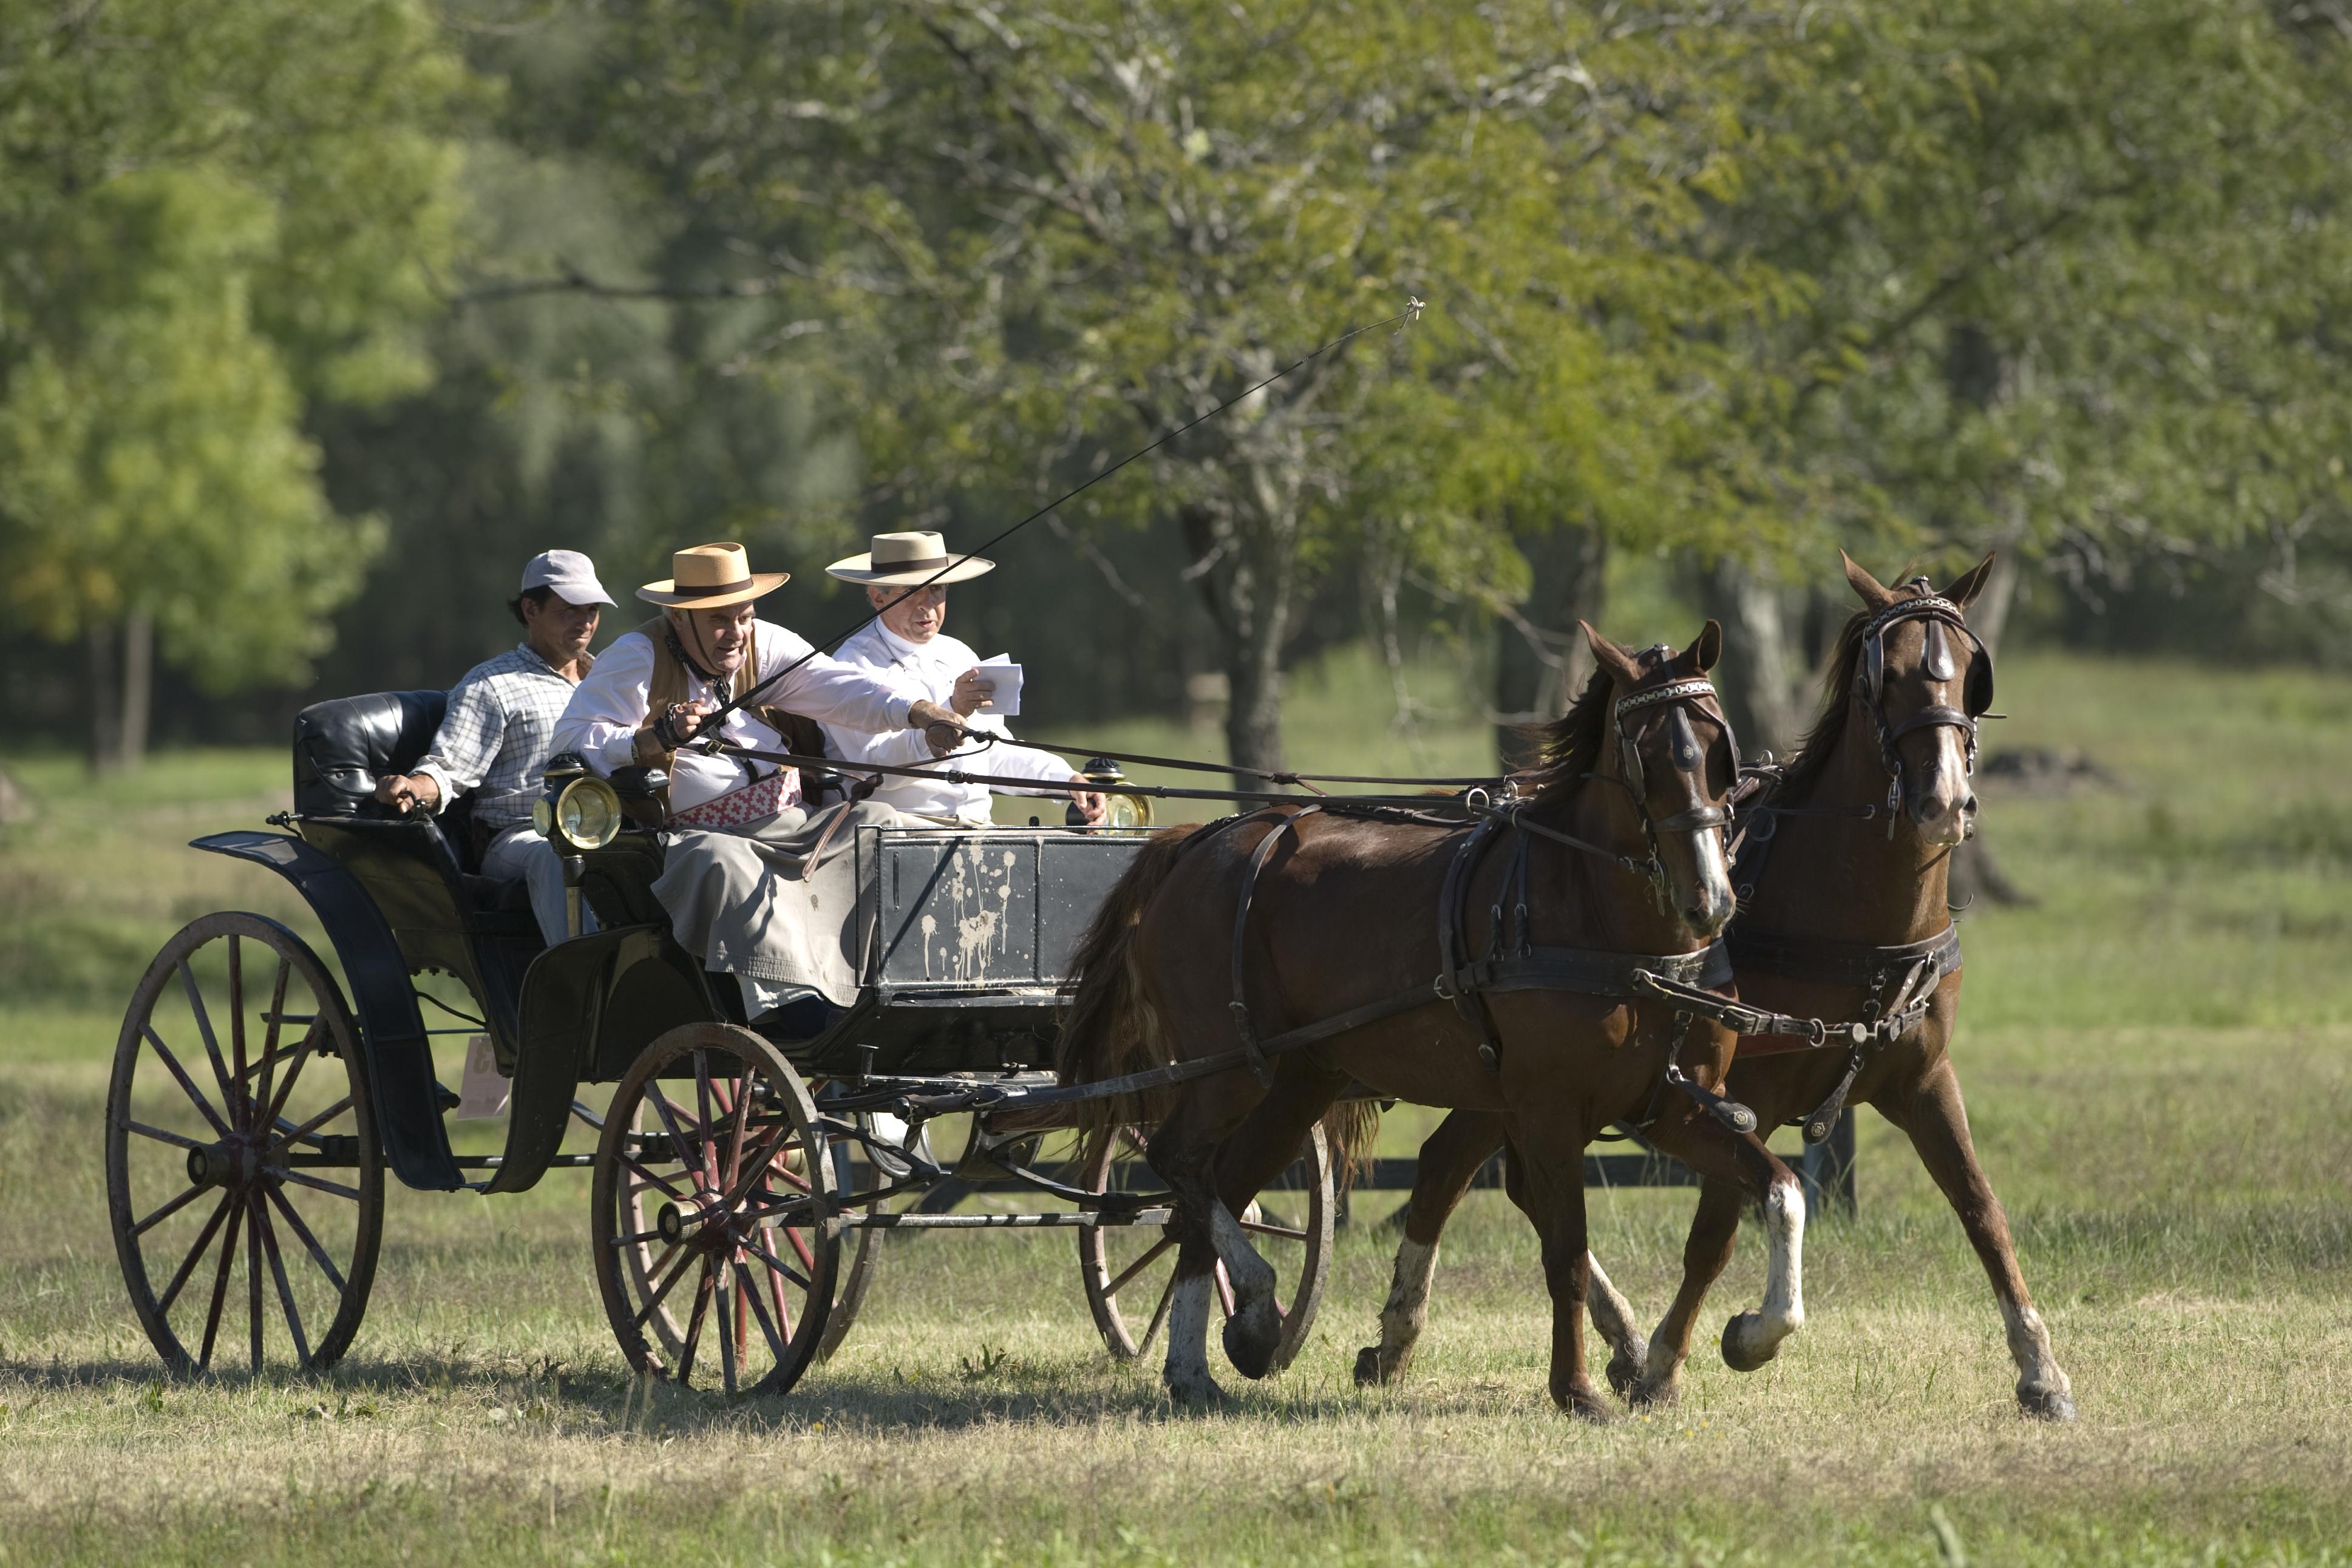 El próximo fin de semana largo, San Antonio de Areco será sede de una nueva edición de la Atada Campo Afuera, la tradicional muestra y desfile de carruajes de campo.